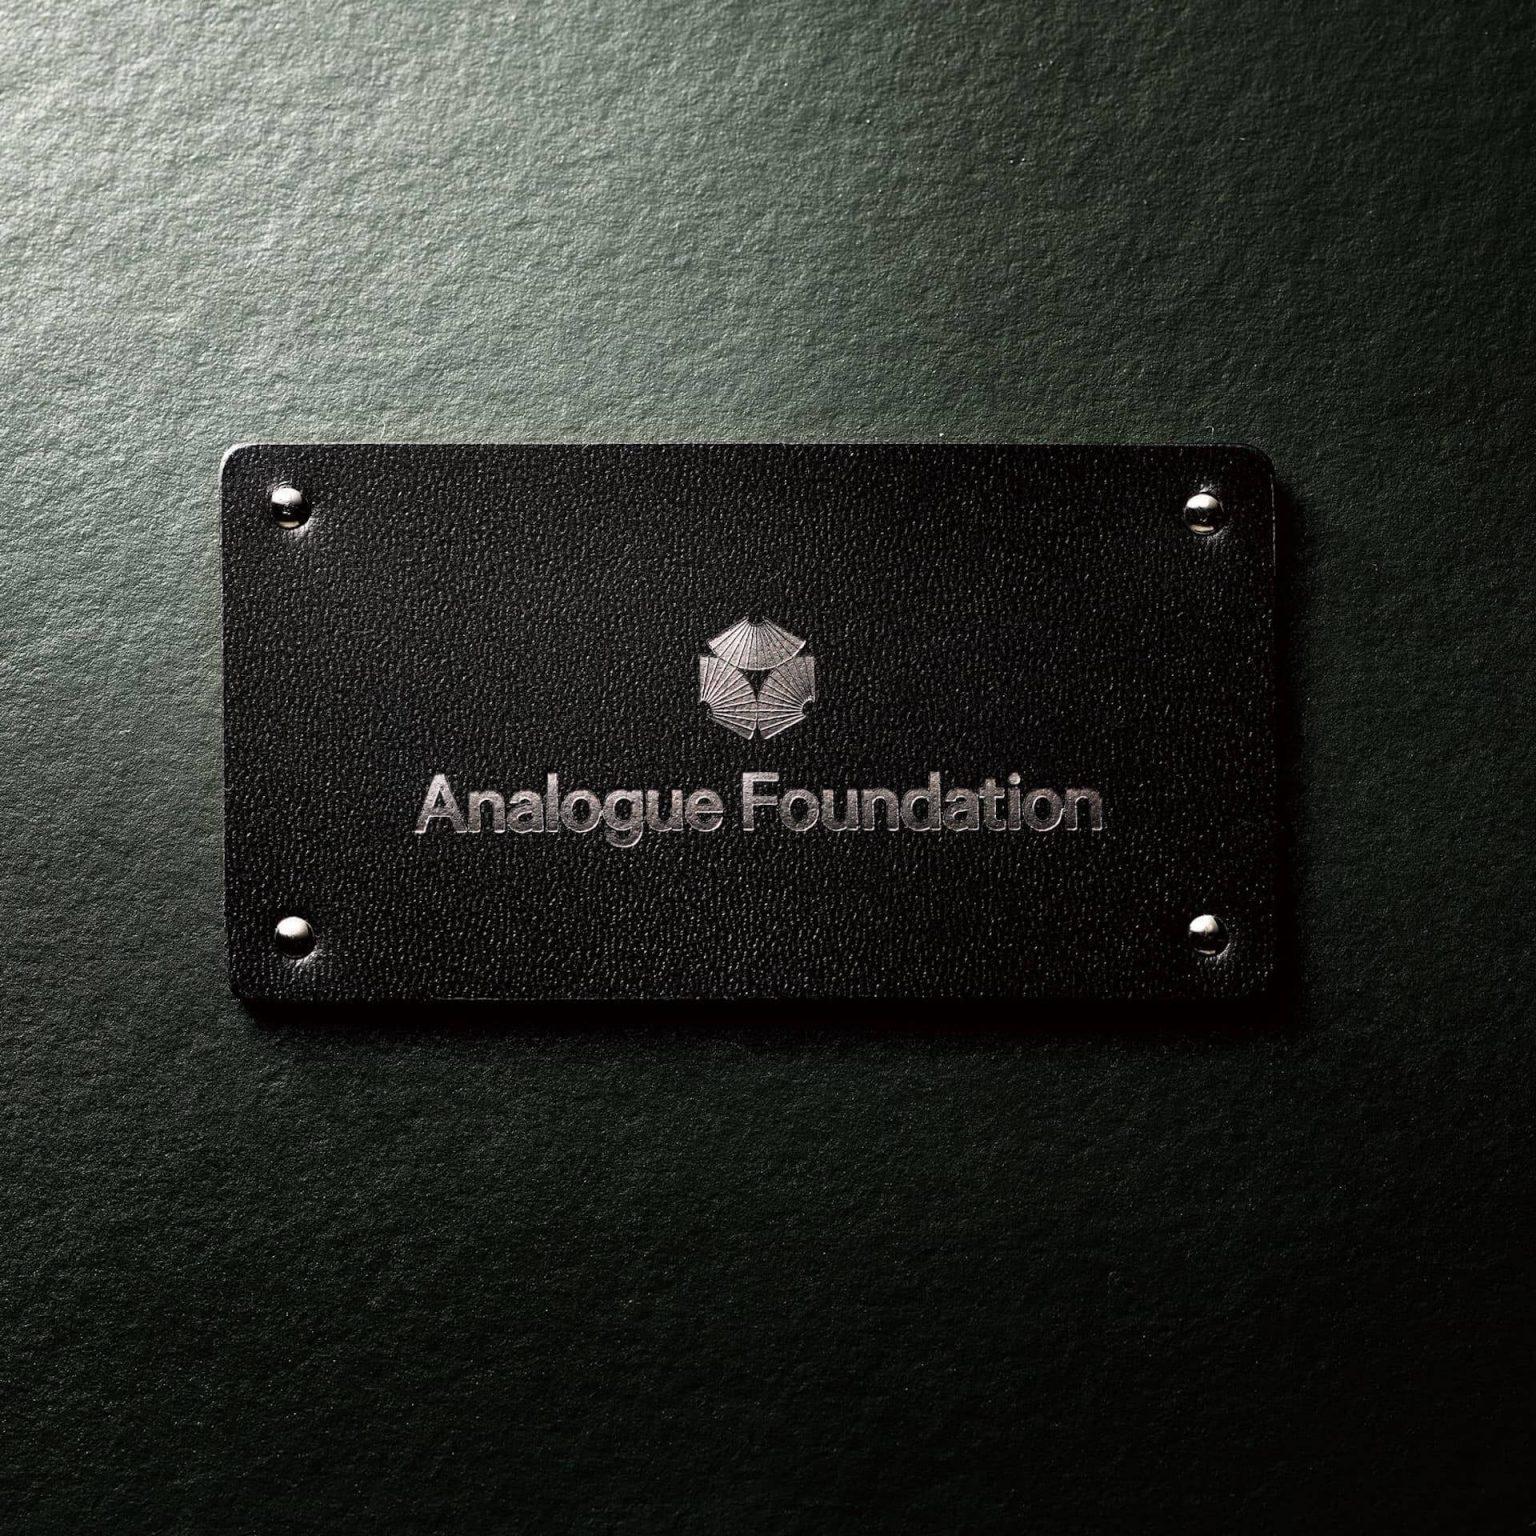 アナログとは?をテーマにした映像インタビューシリーズ by Analogue Foundation